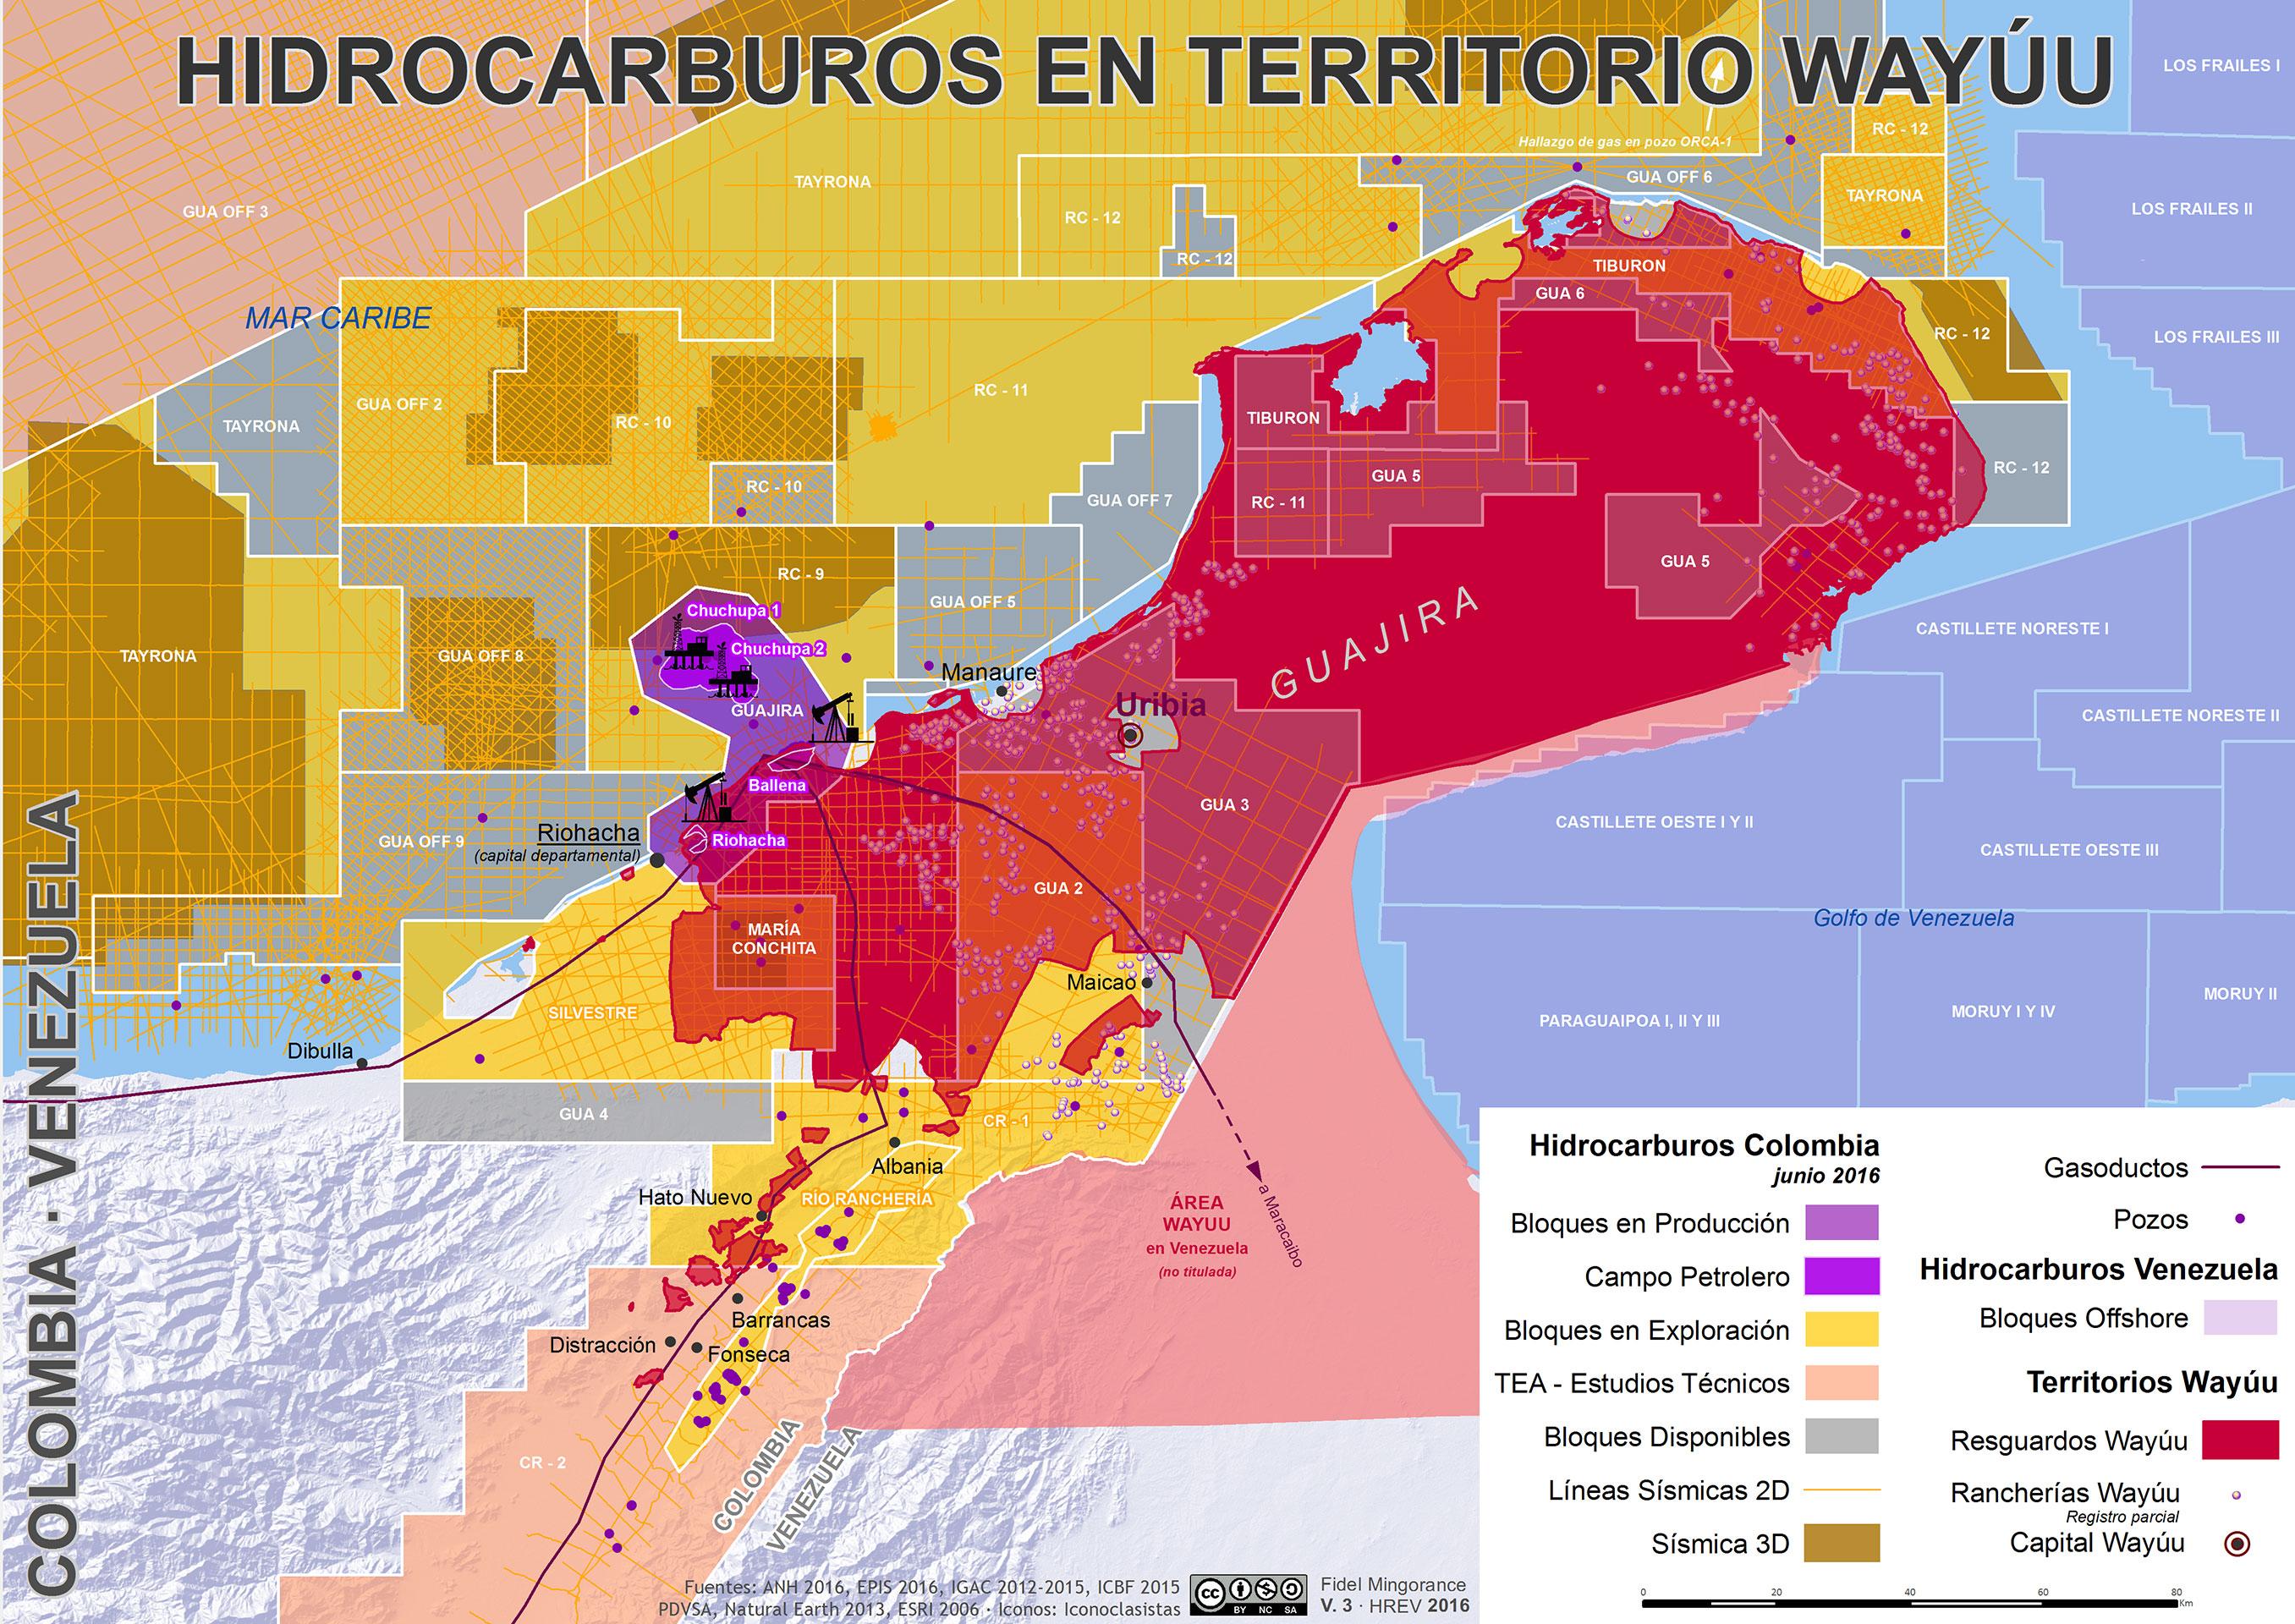 Hidrocarburos en Territorio Wayuu (2016)